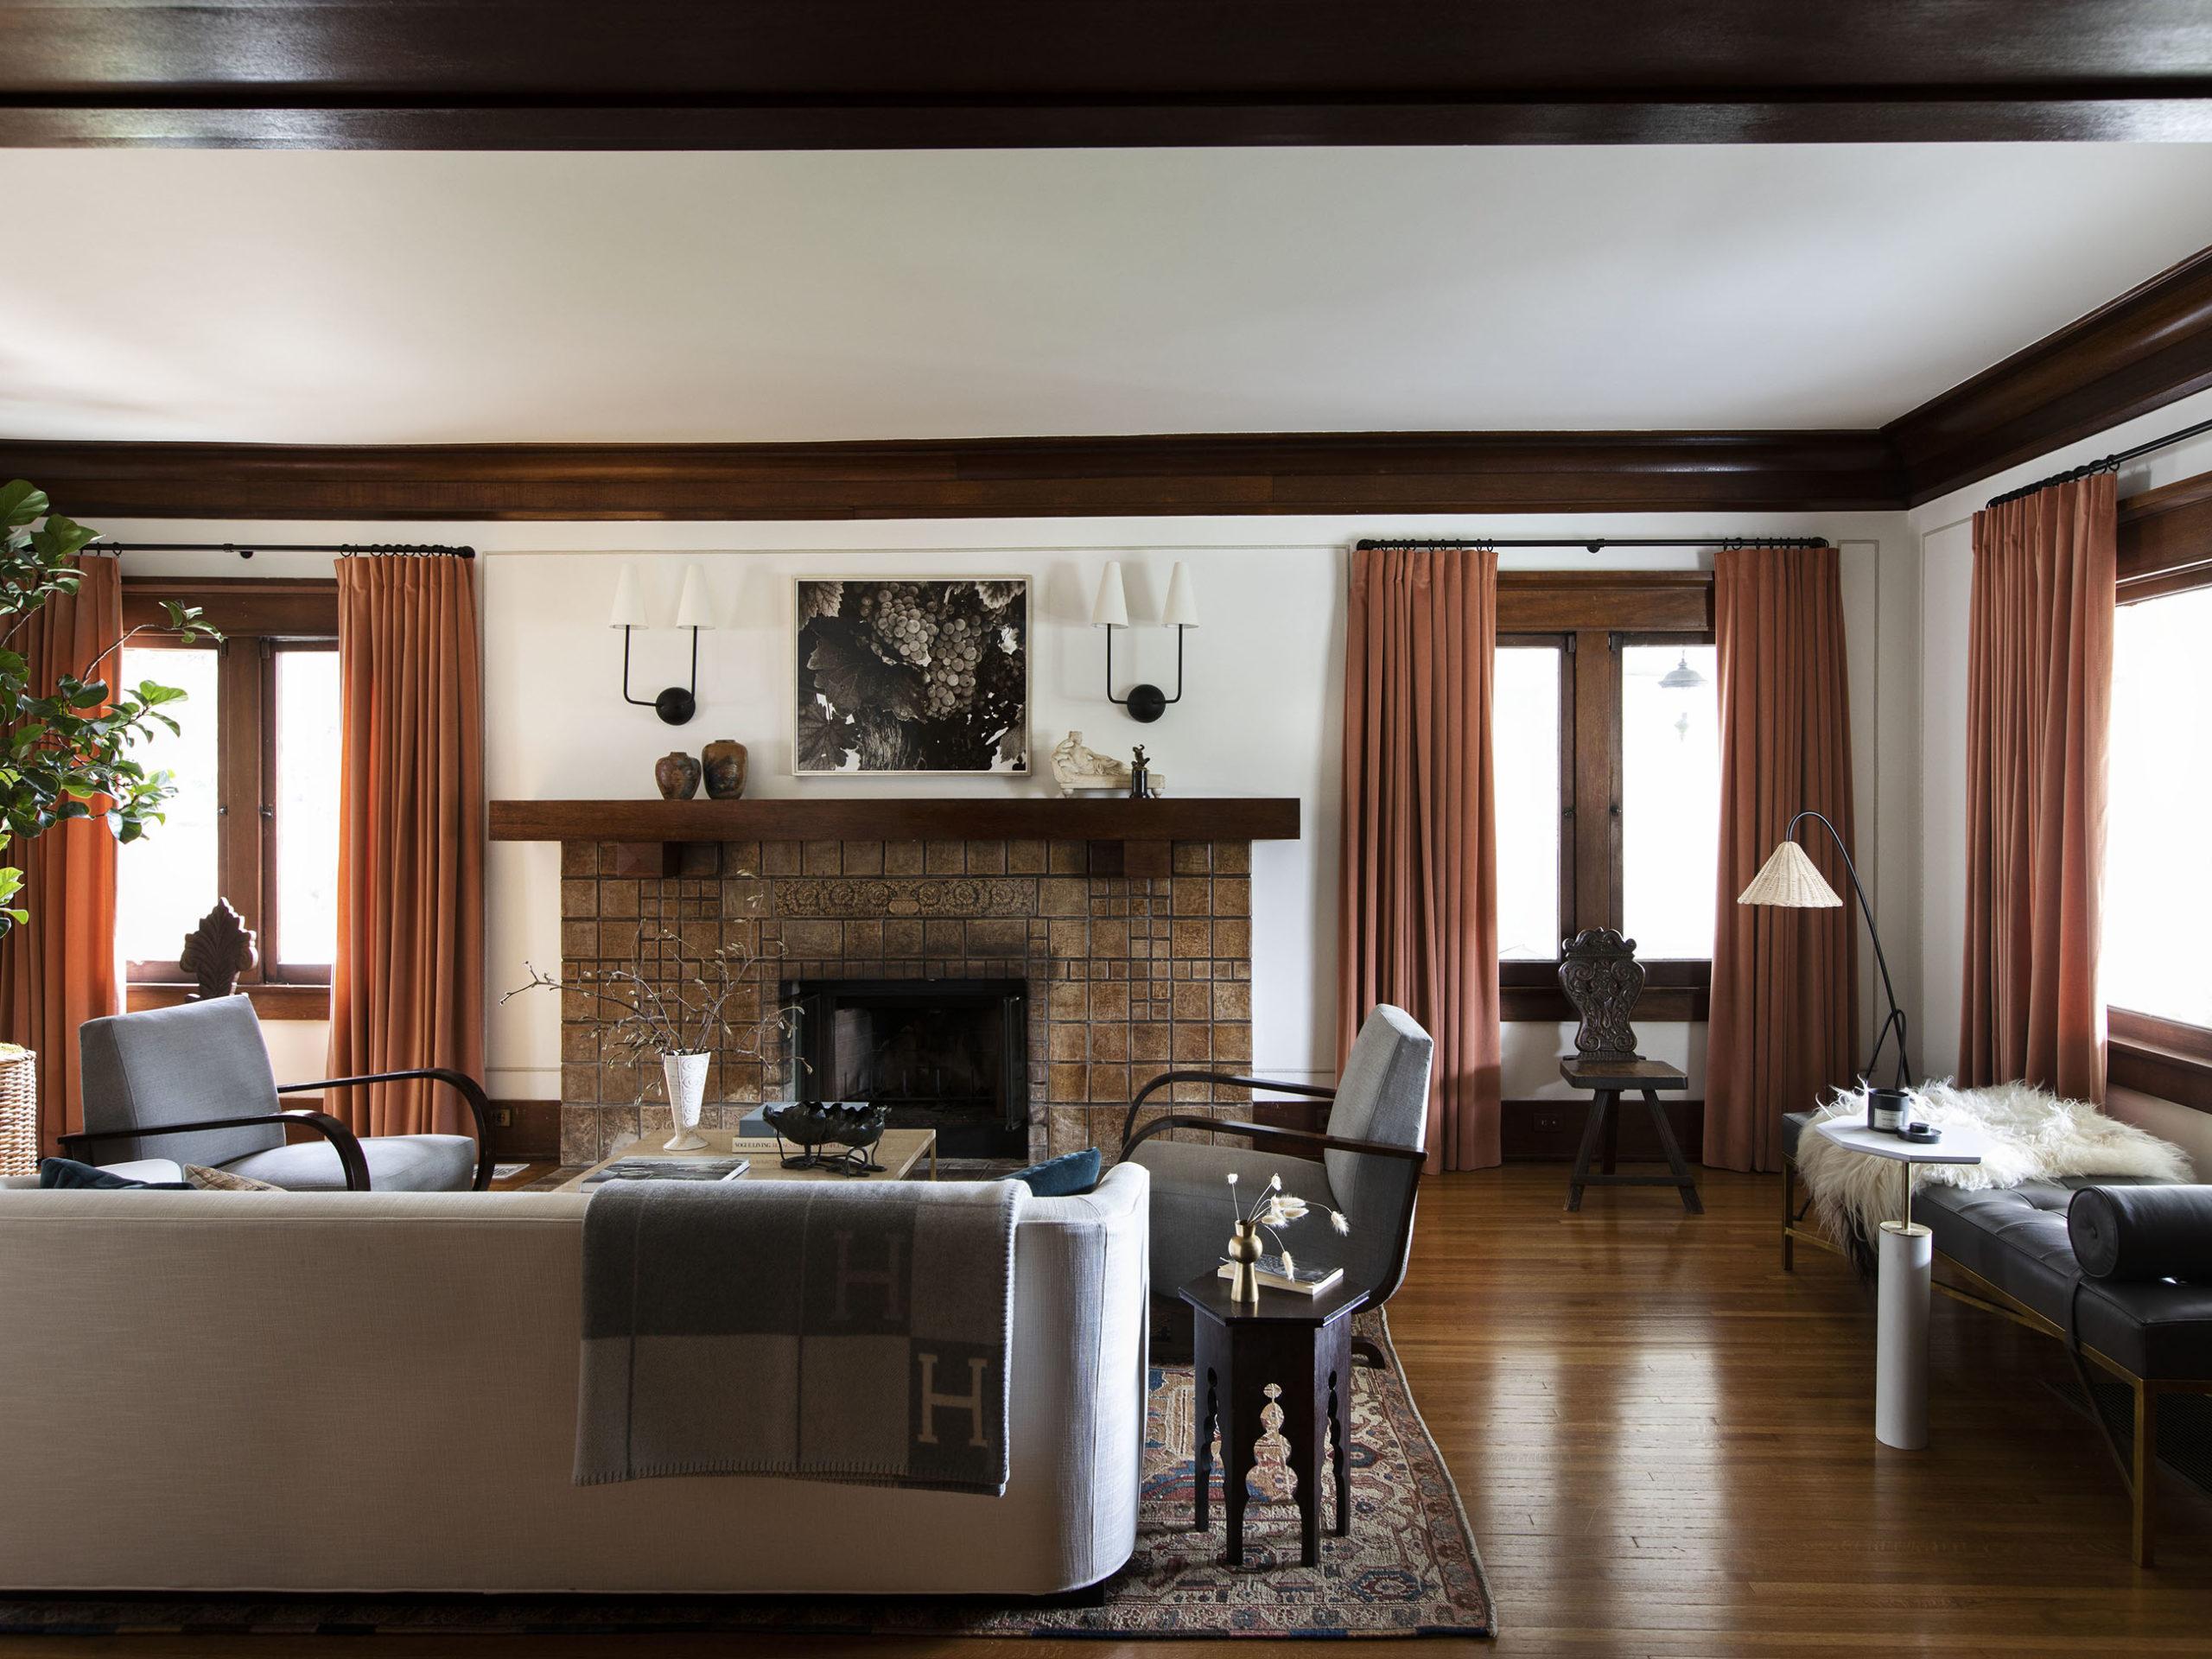 cheminée historique et rideaux de terre cuite | visite de maison d'artisan historique moderne jacey duprie